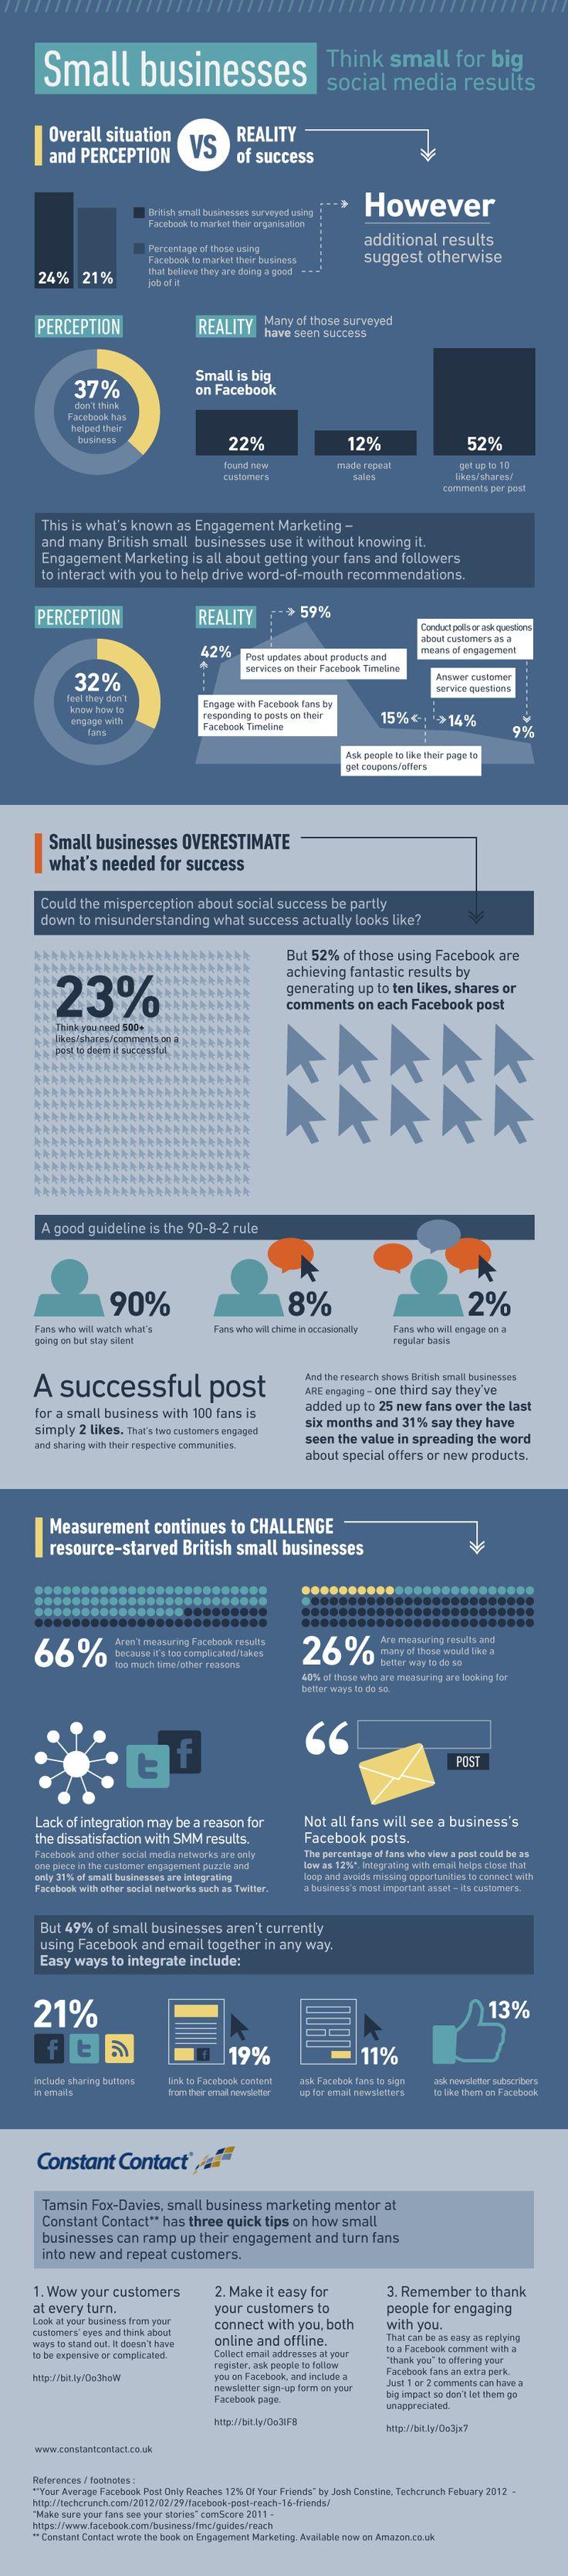 Las pymes y el Social Media #infografia #infographic #socialmedia